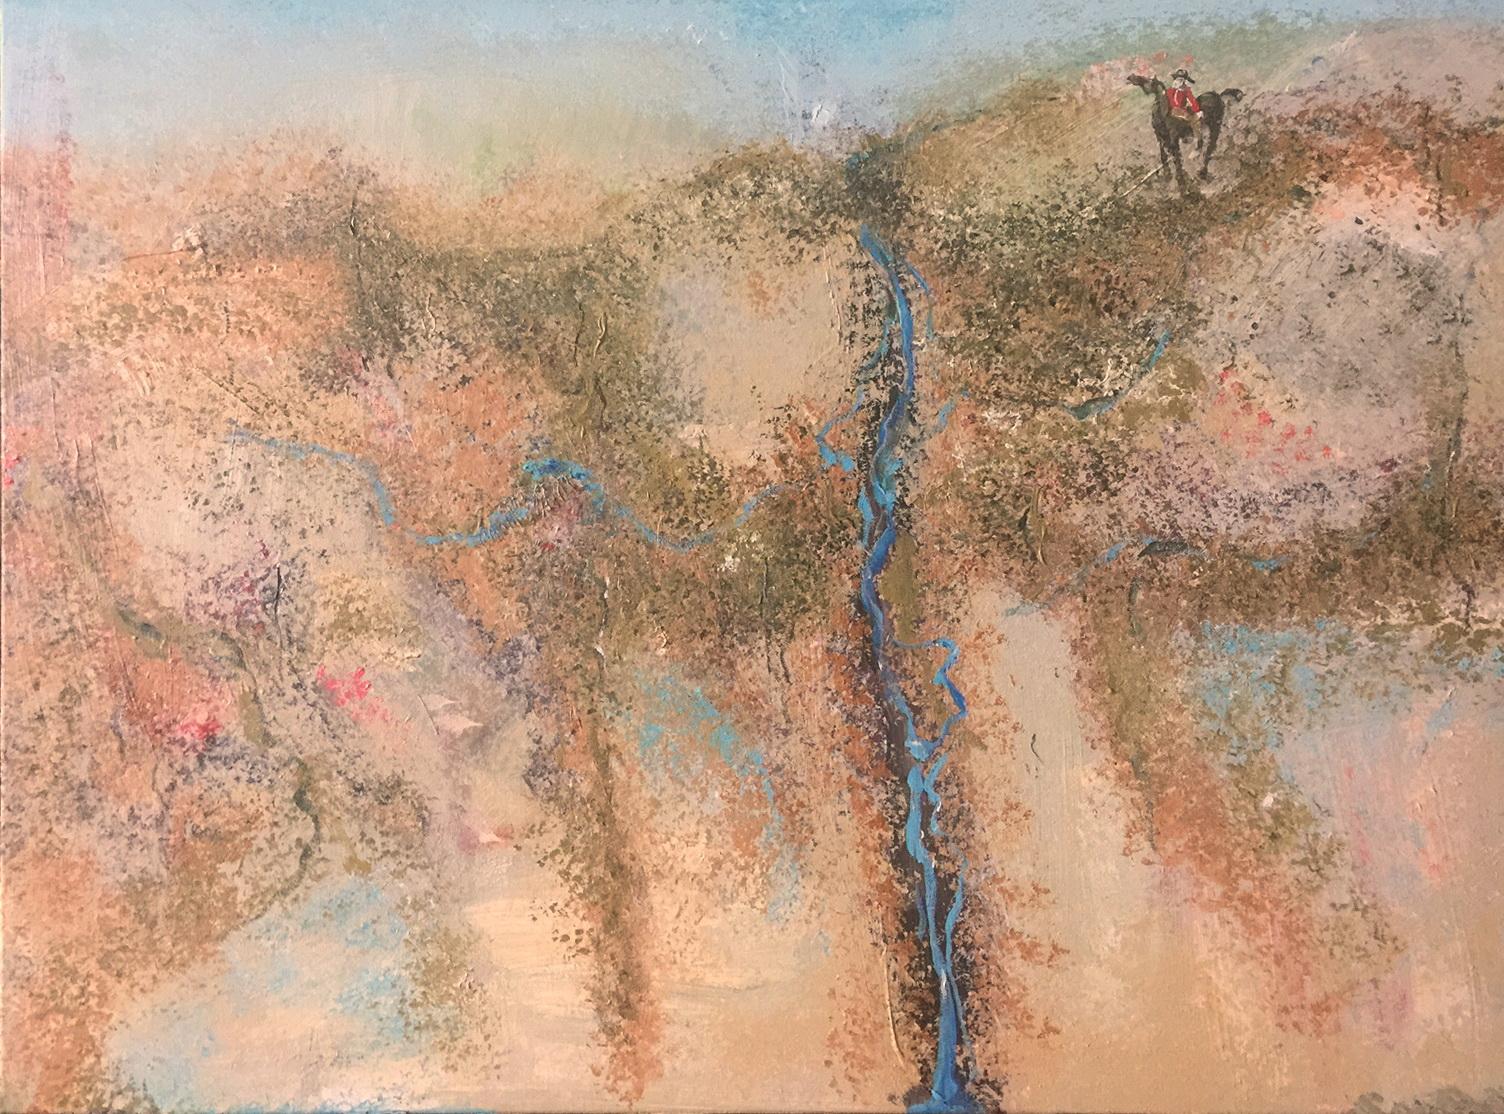 20. Grassy Hills to their Summit C 76x102